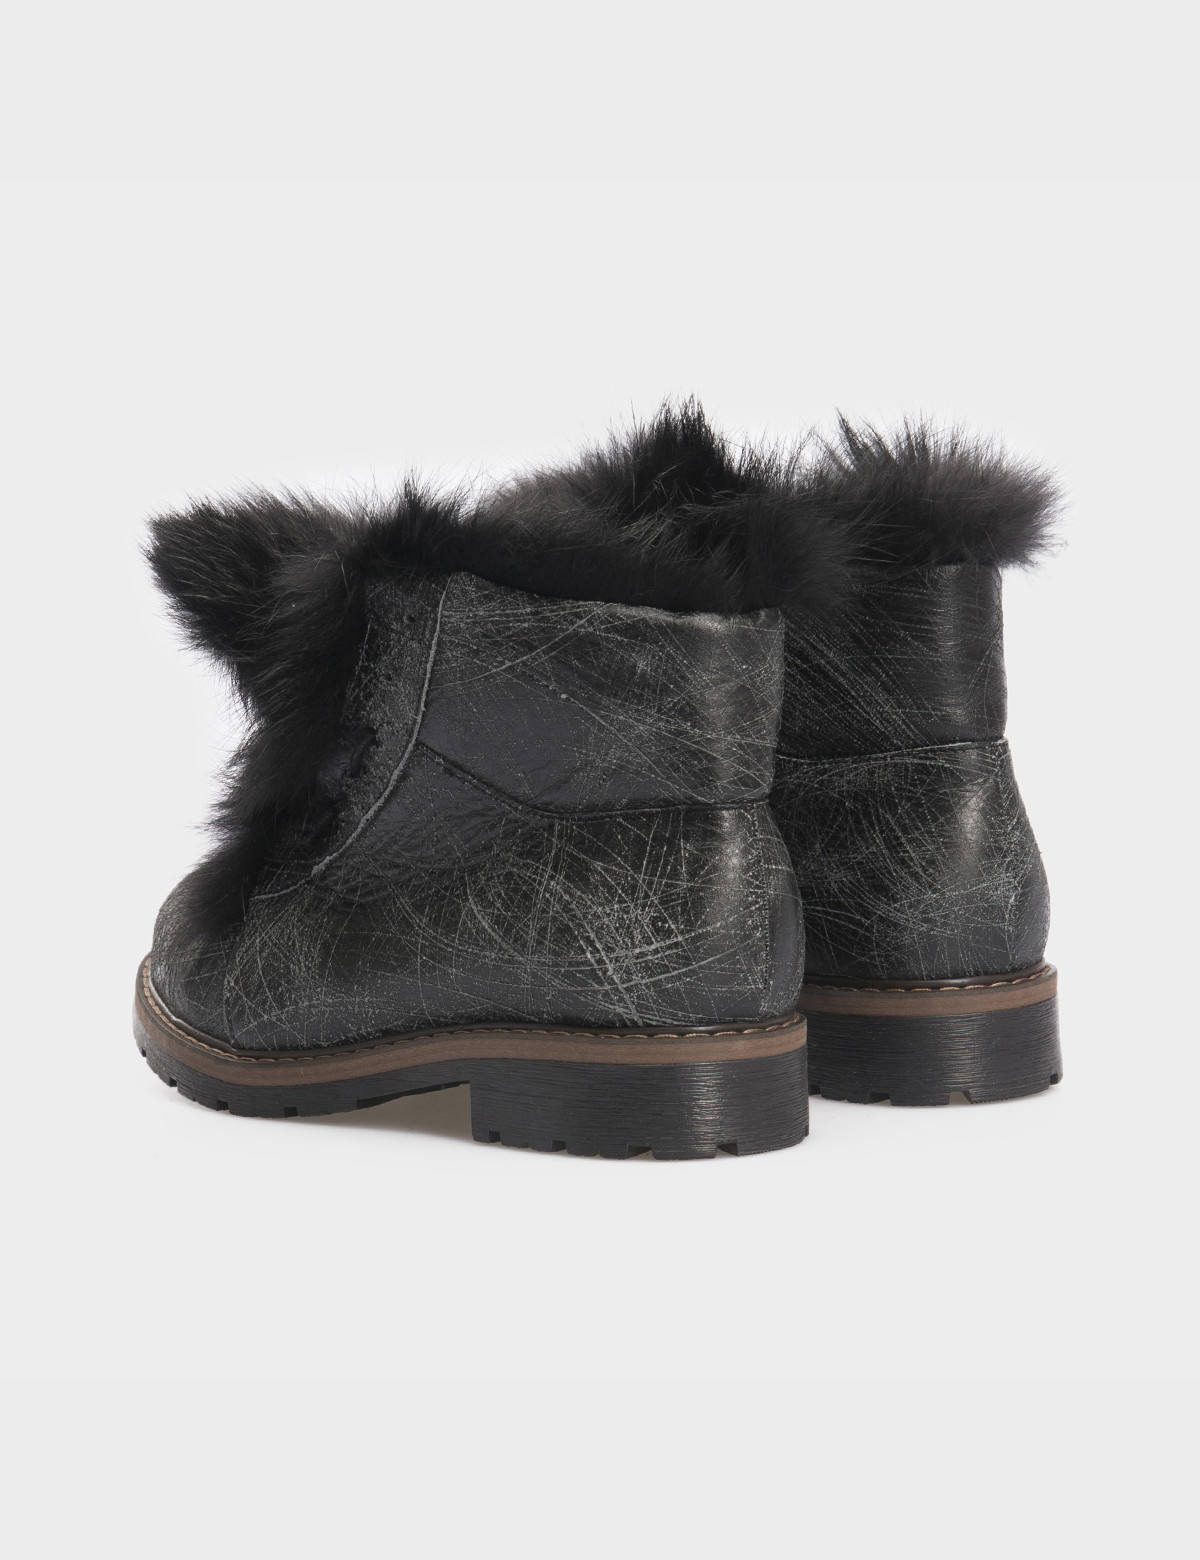 Ботинки черные, натуральная кожа. Мех3